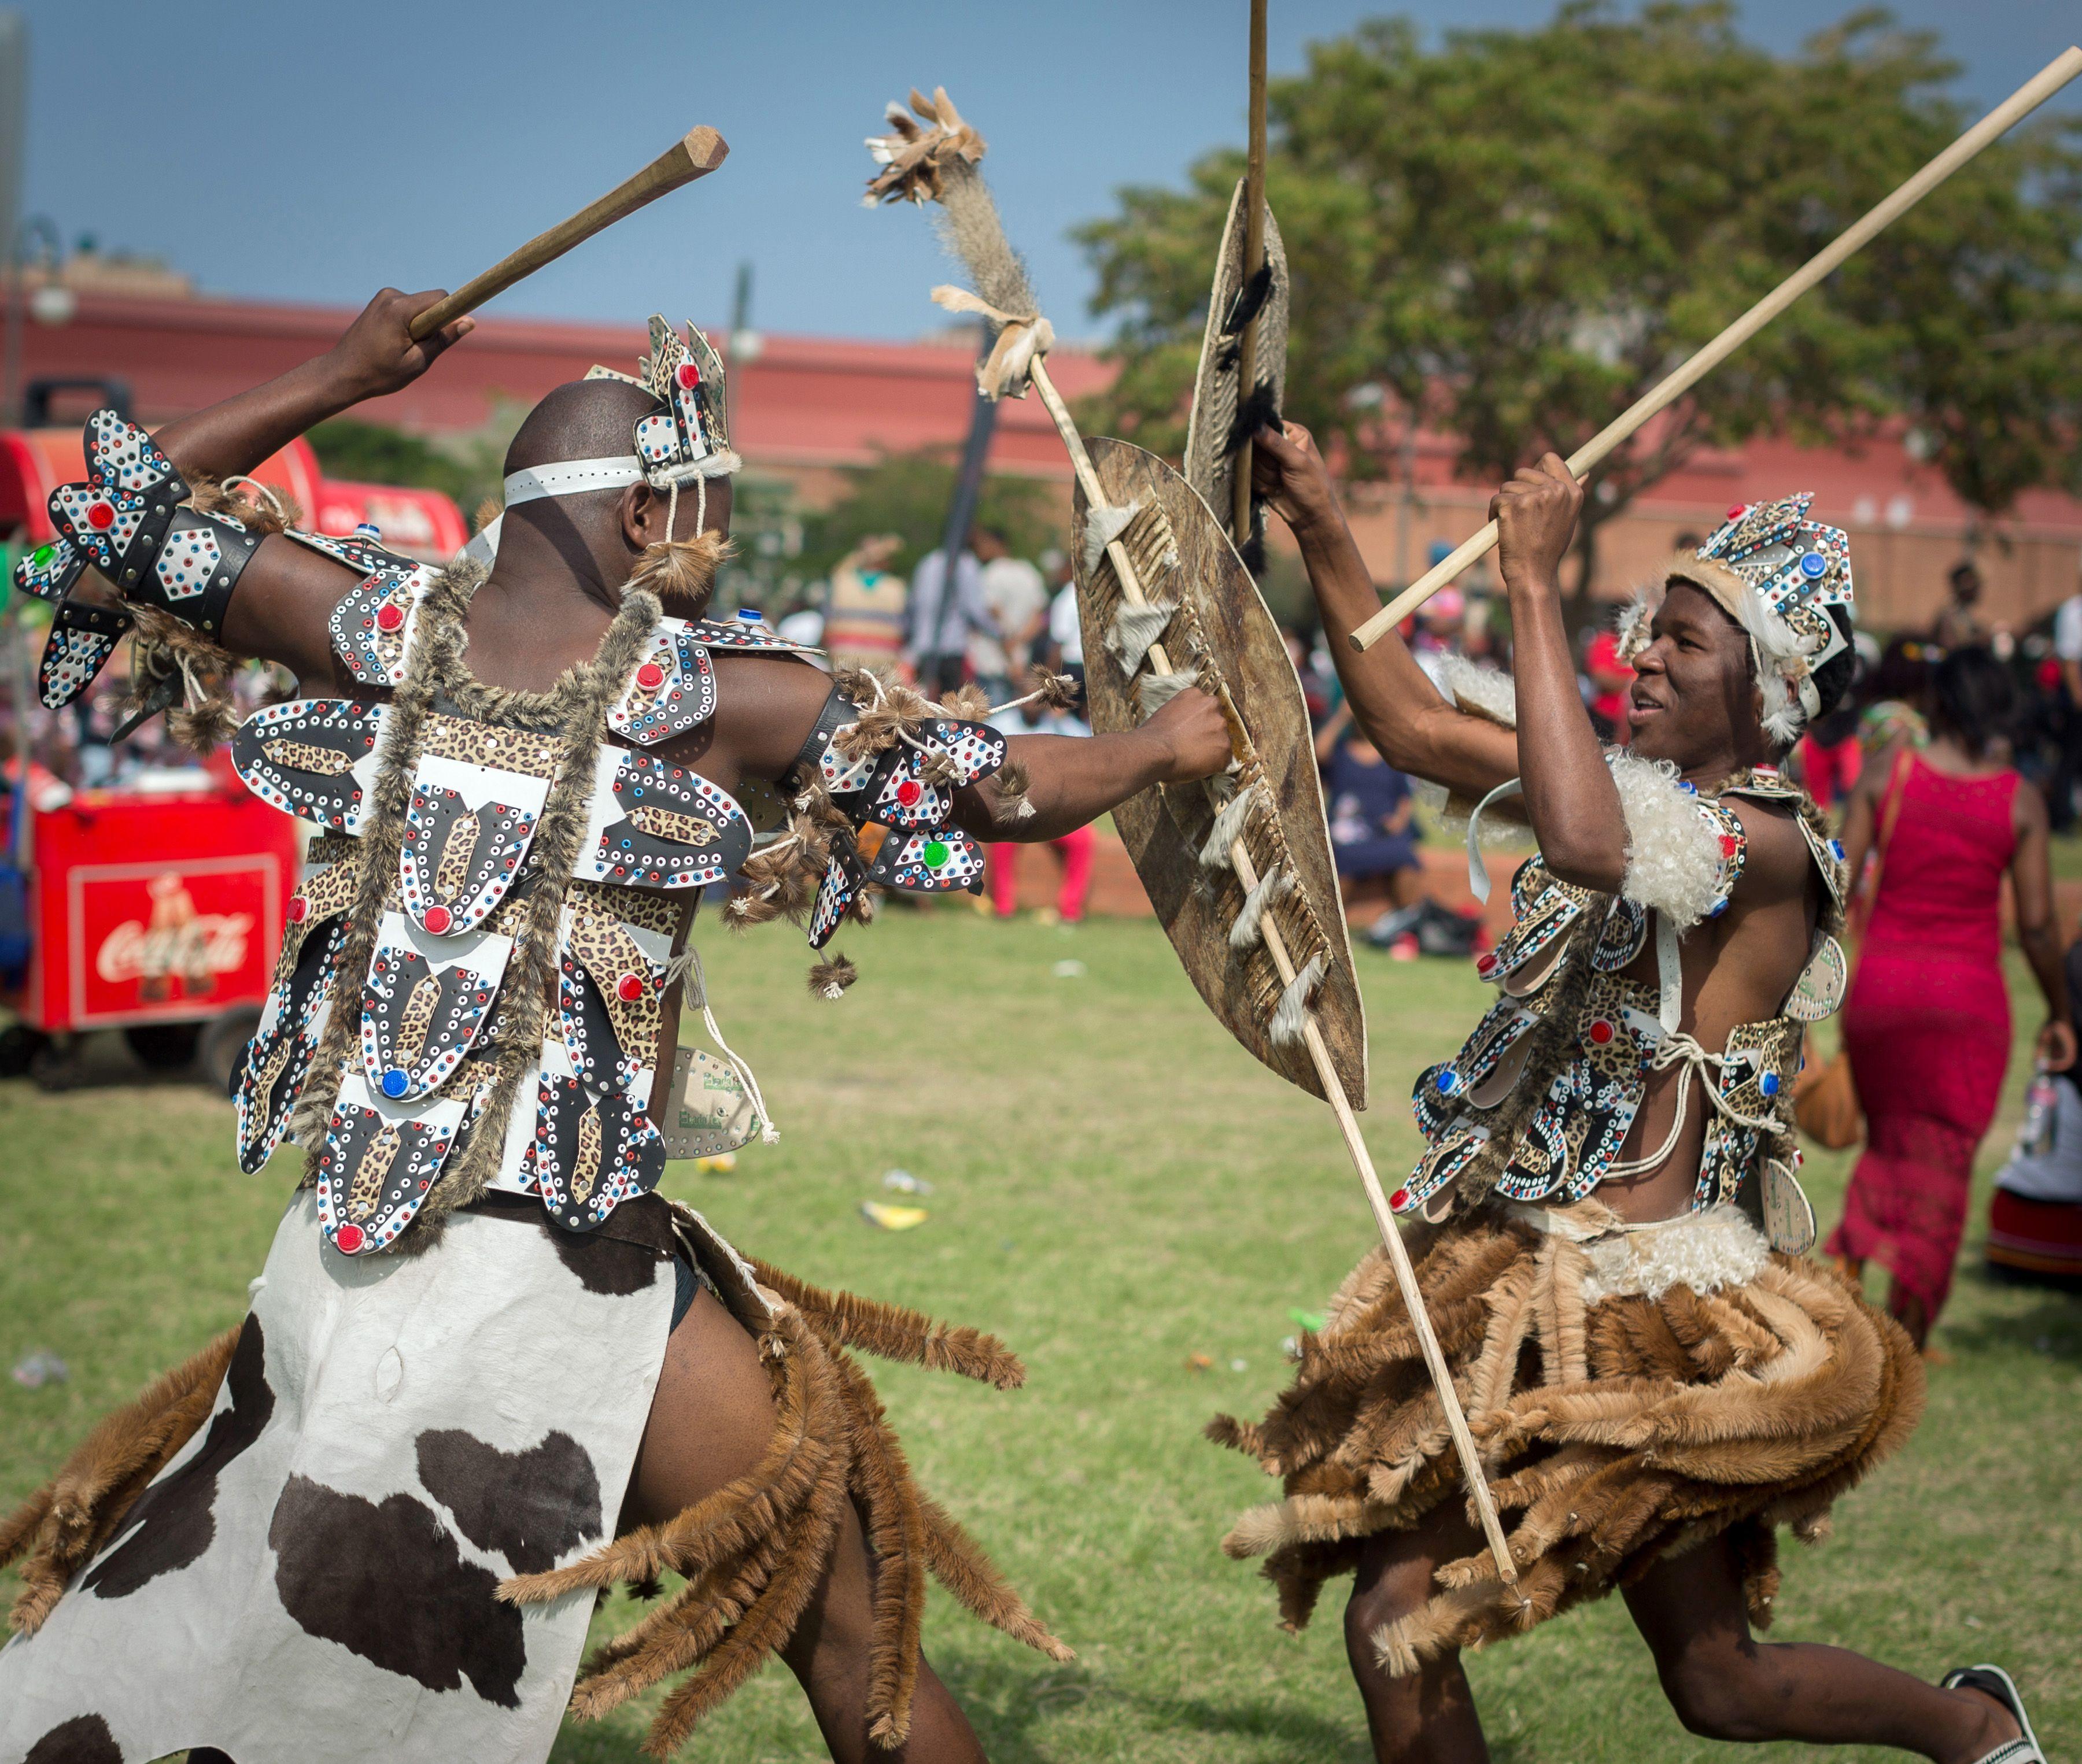 兩位穿著南非祖魯族傳統服飾的男子表演戰鬥舞。(Getty Images)